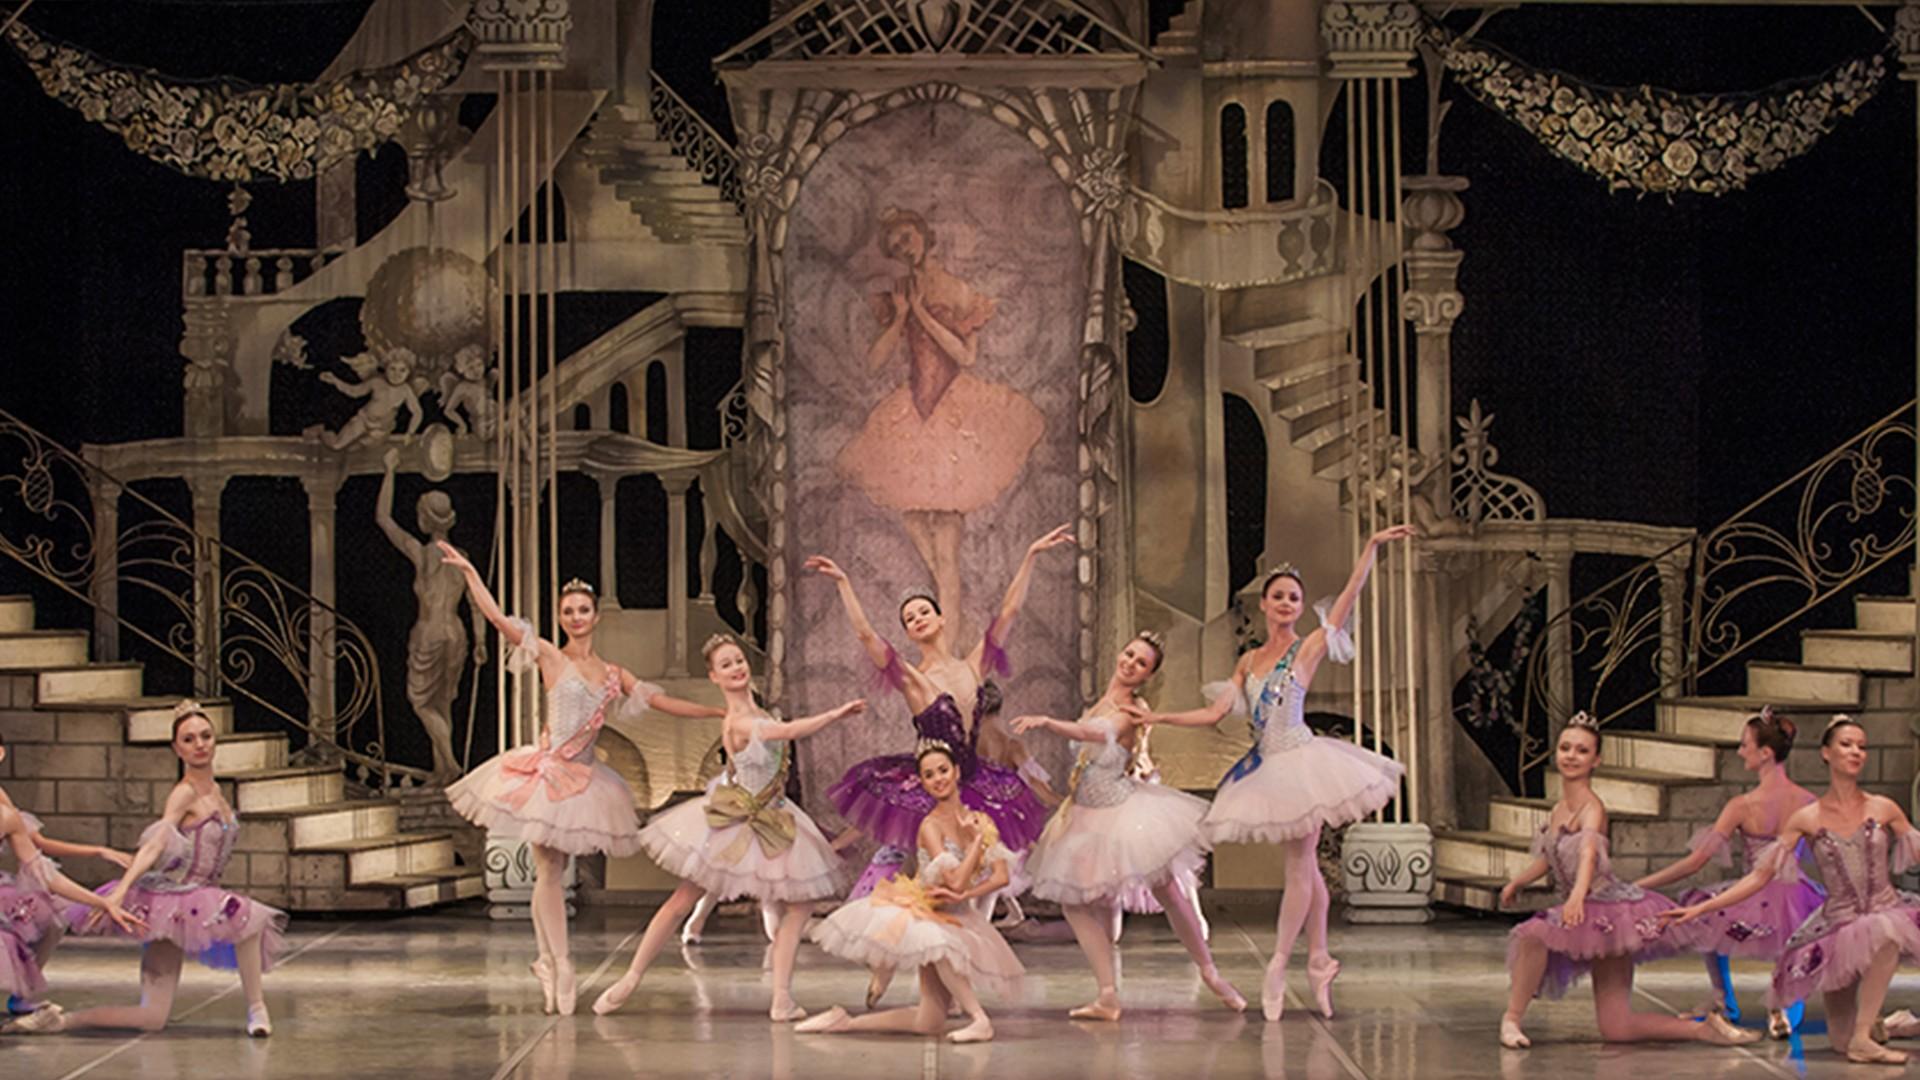 Спящая красавица. Государственный академический театр классического балета Н. Касаткиной и В. Василева